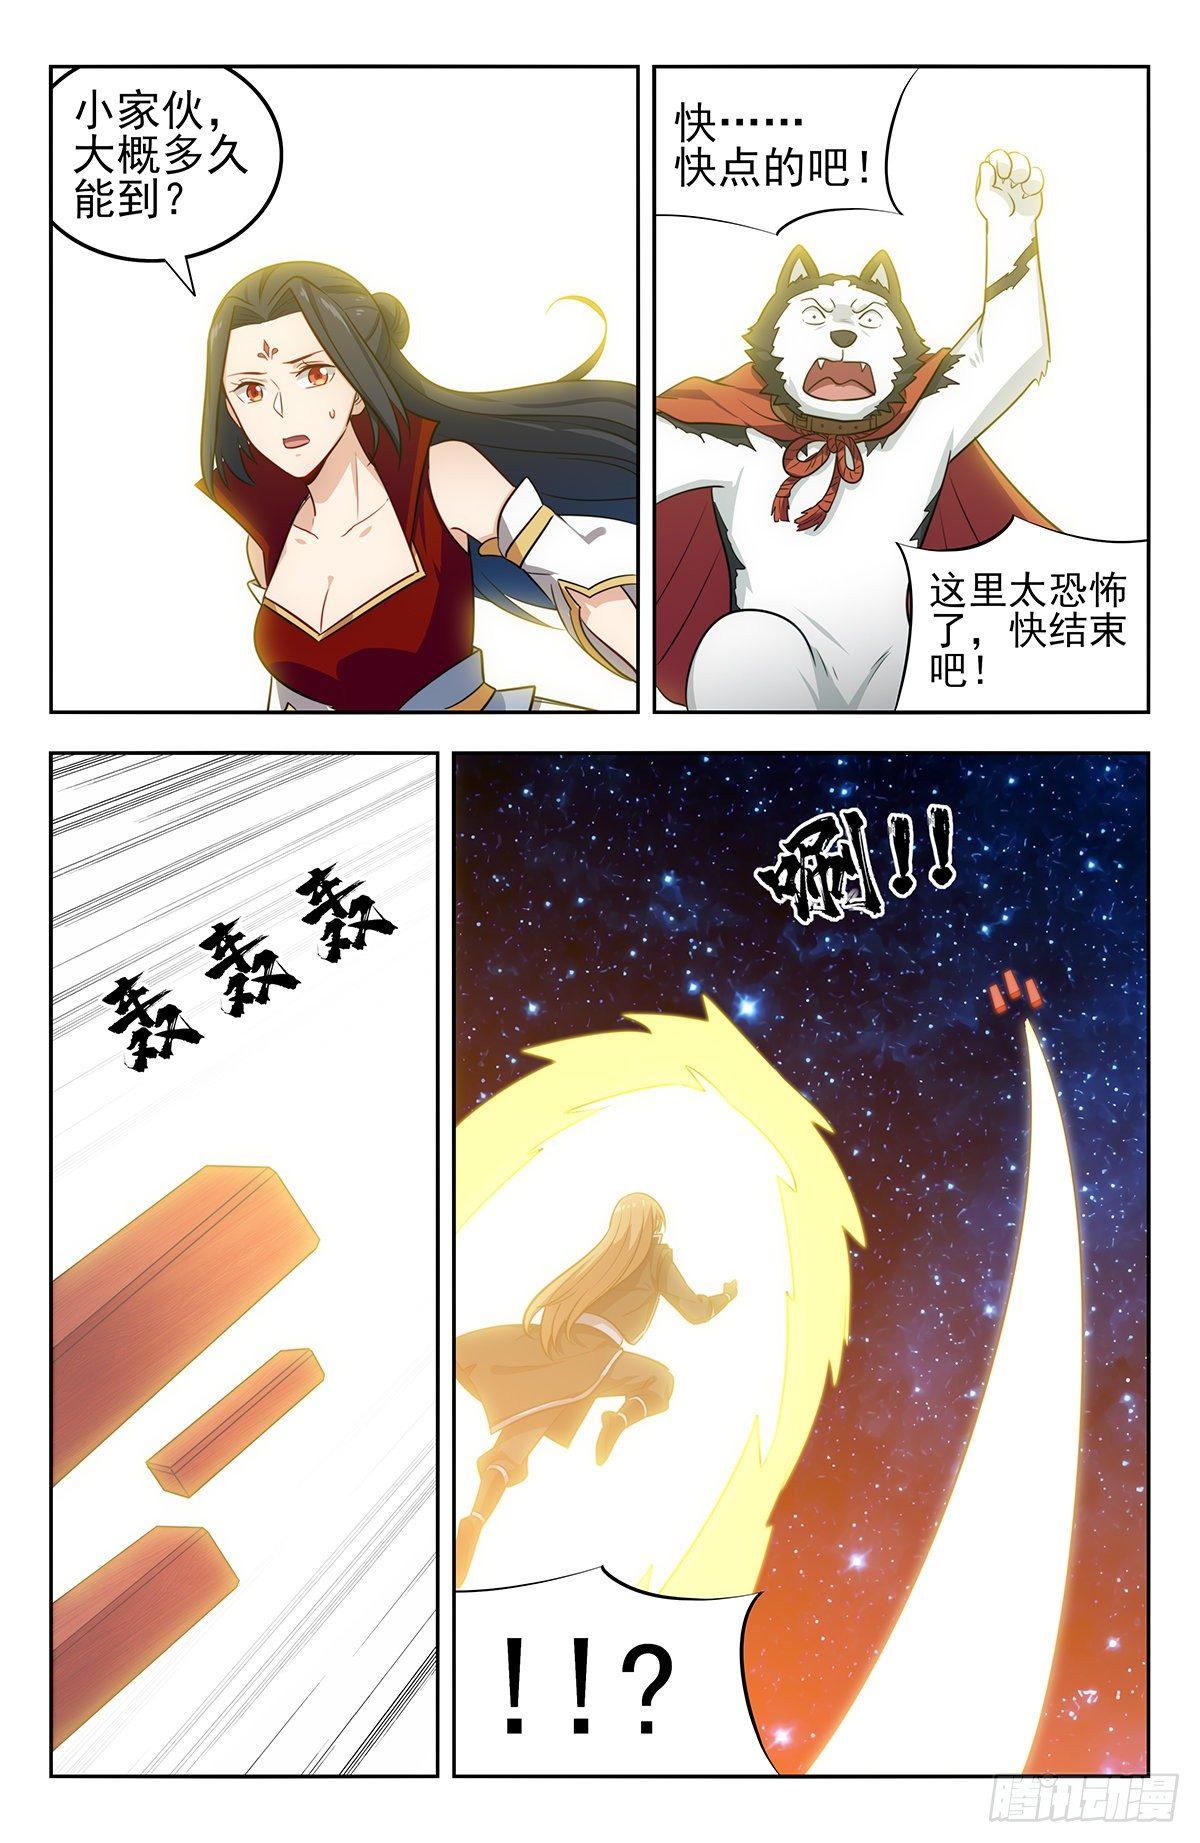 【漫画更新】最强反套路系统    第292话